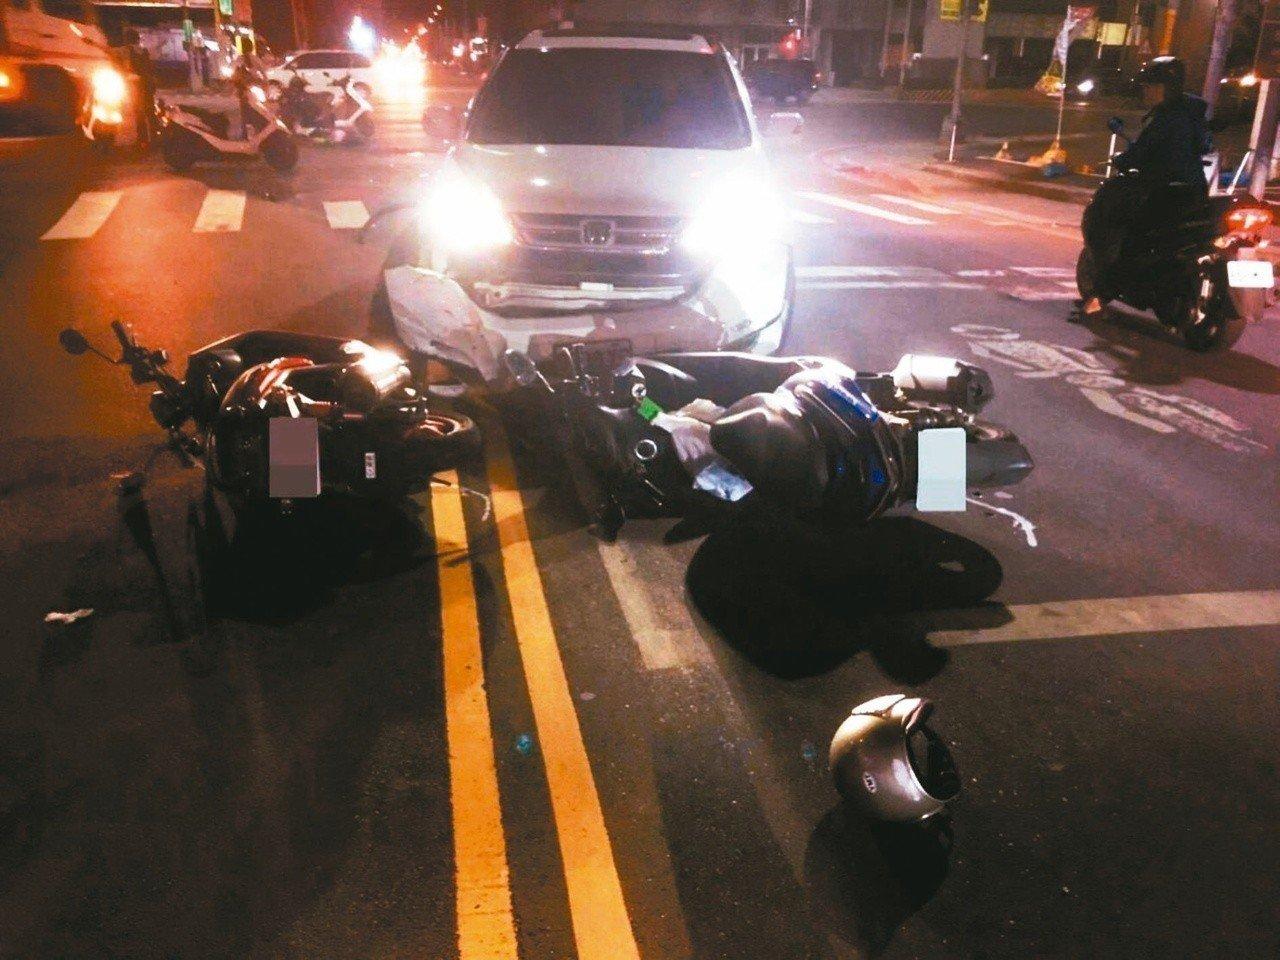 林姓設計師十月五日晚間酒駕,在新北市新北大道與泰林路口先撞擊就讀台大研究所的林姓...